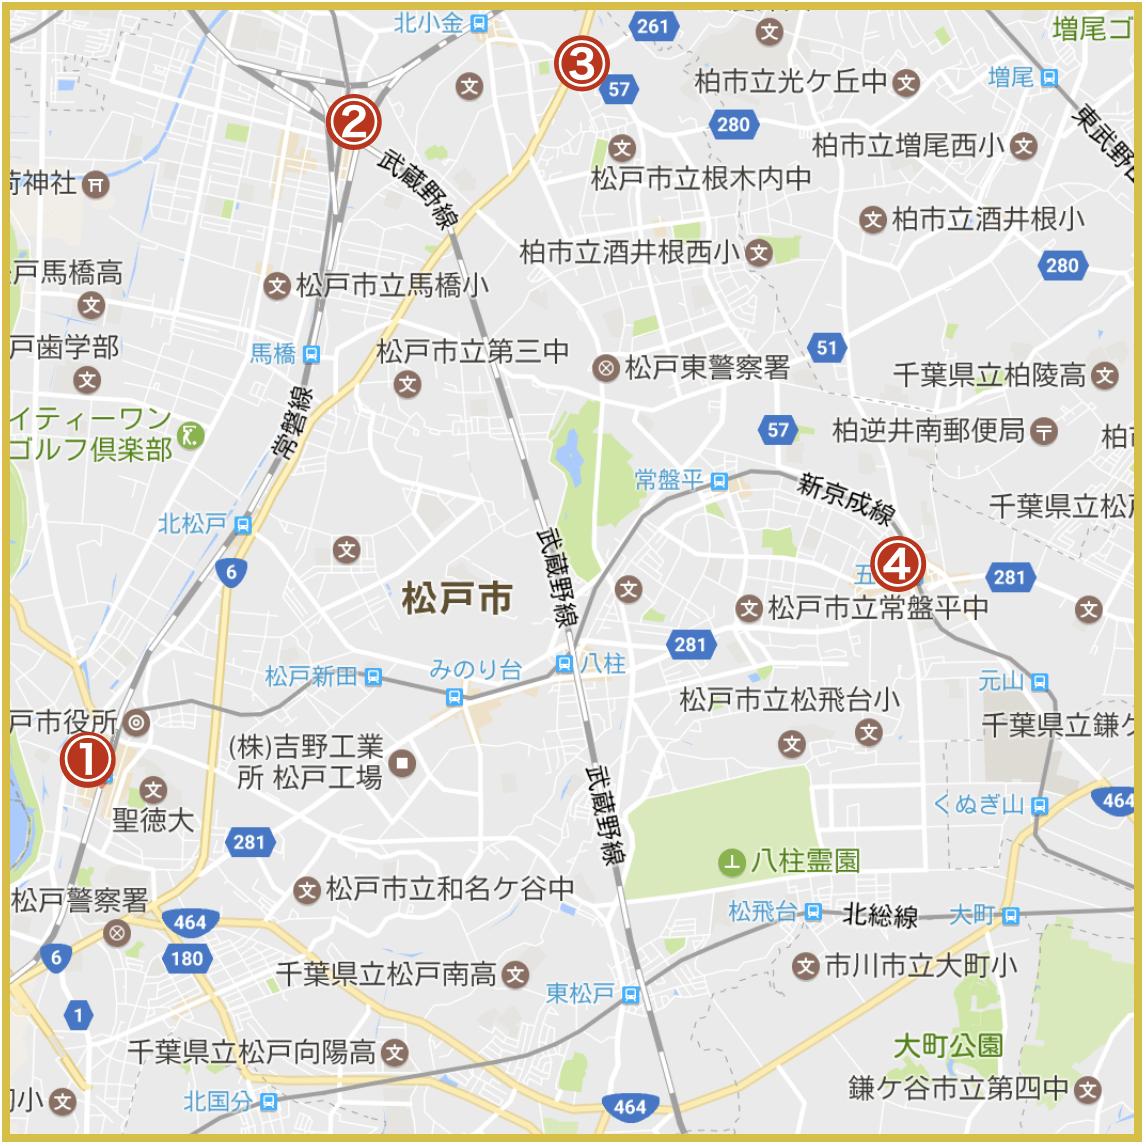 松戸市にあるプロミス店舗・ATMの位置(2020年版)